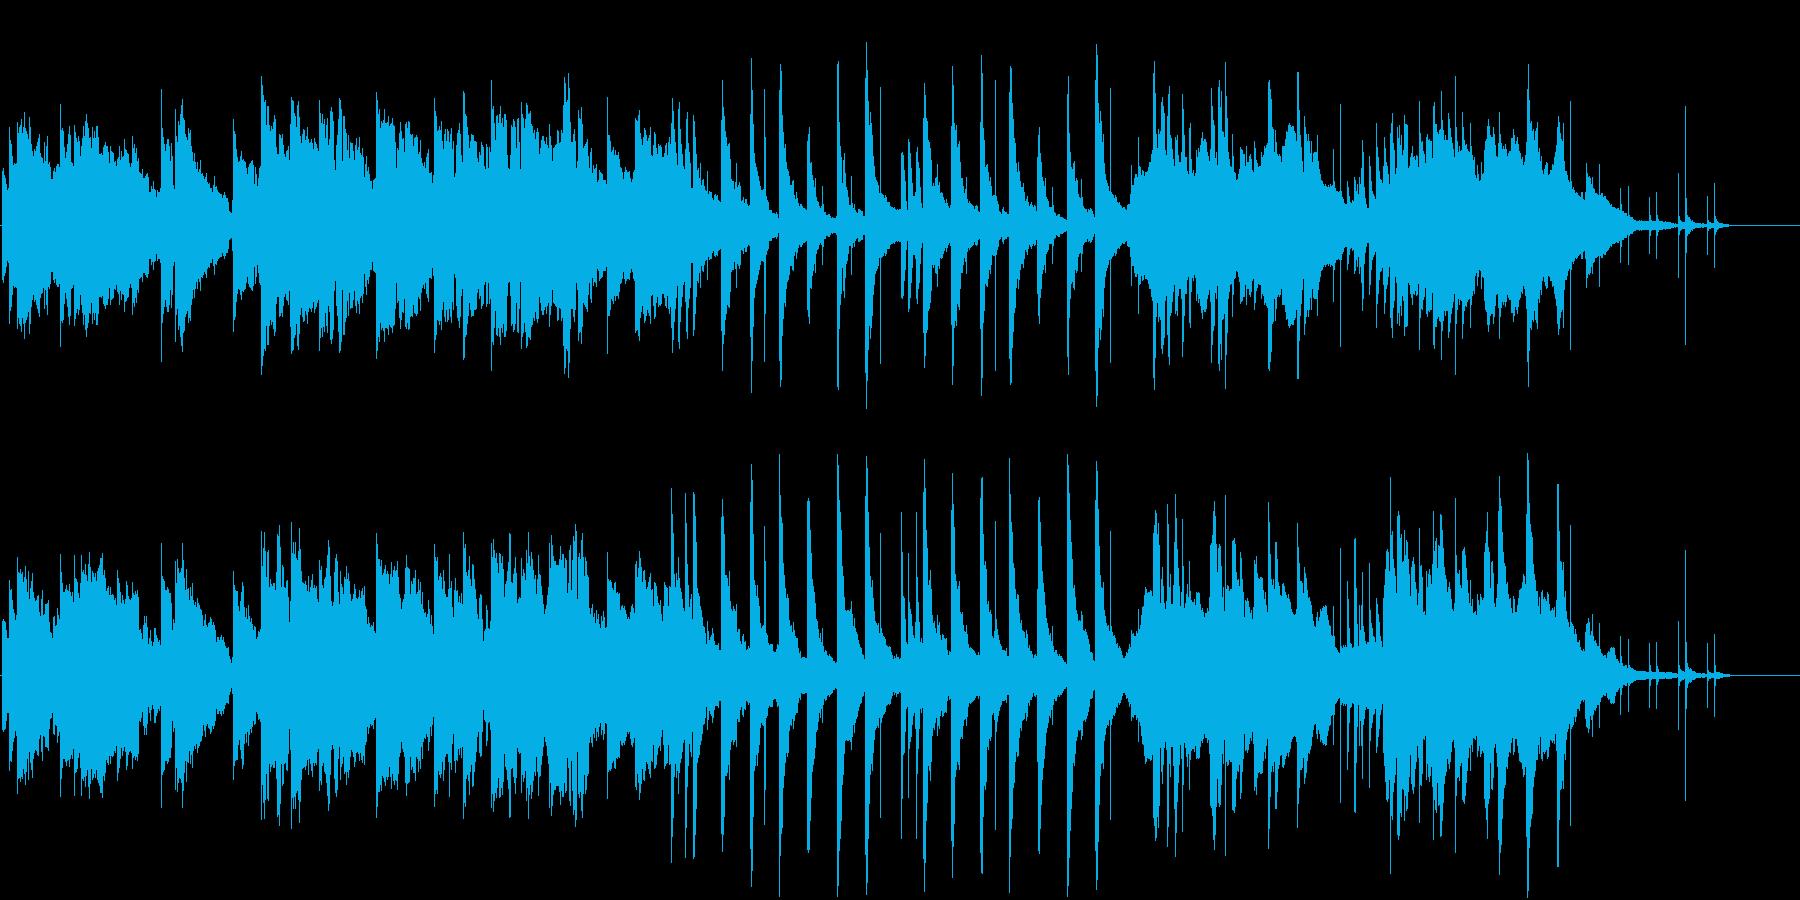 【エレクトロニカ】温かさ・浮遊感・透明感の再生済みの波形